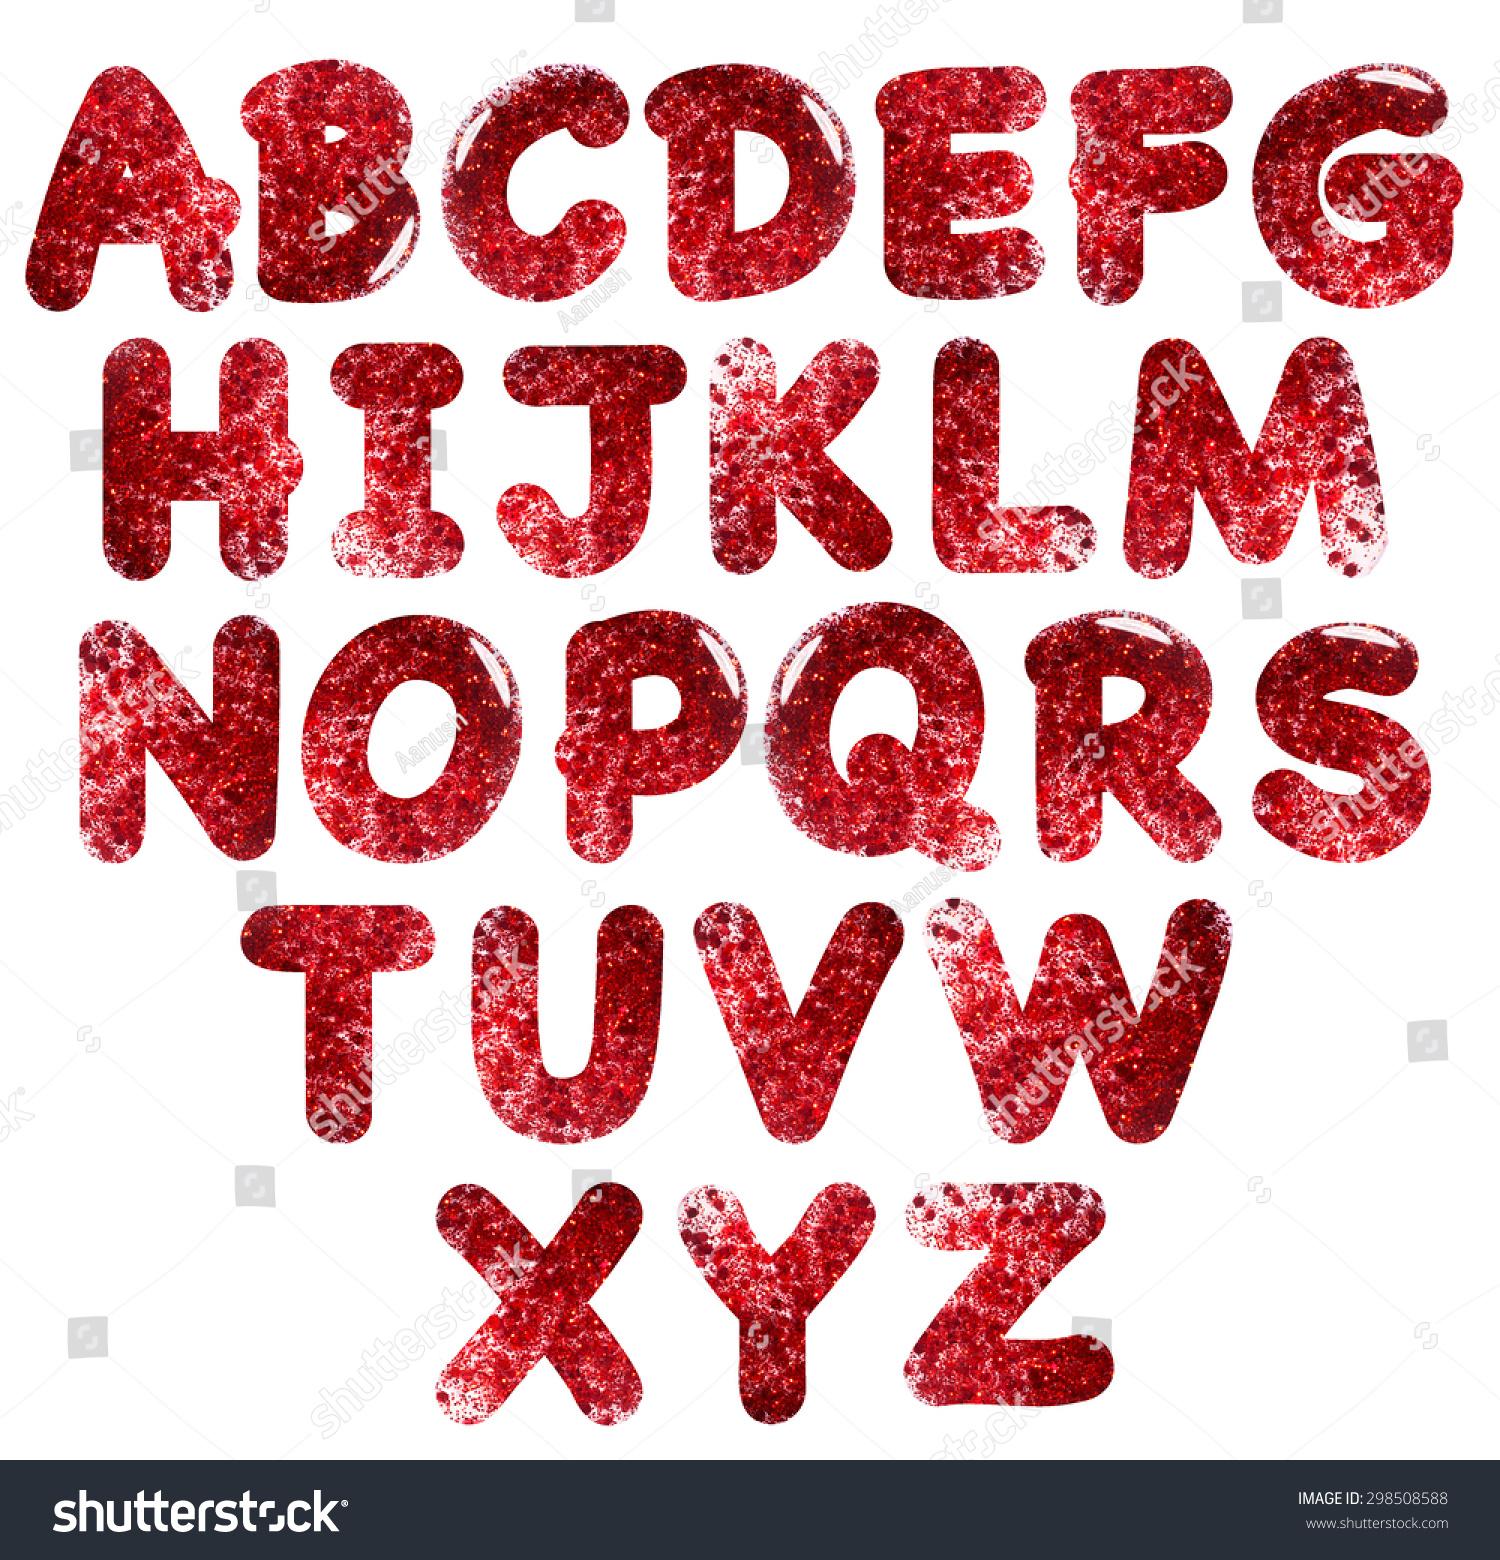 拉丁字母,节日仪式的字体-背景/素材